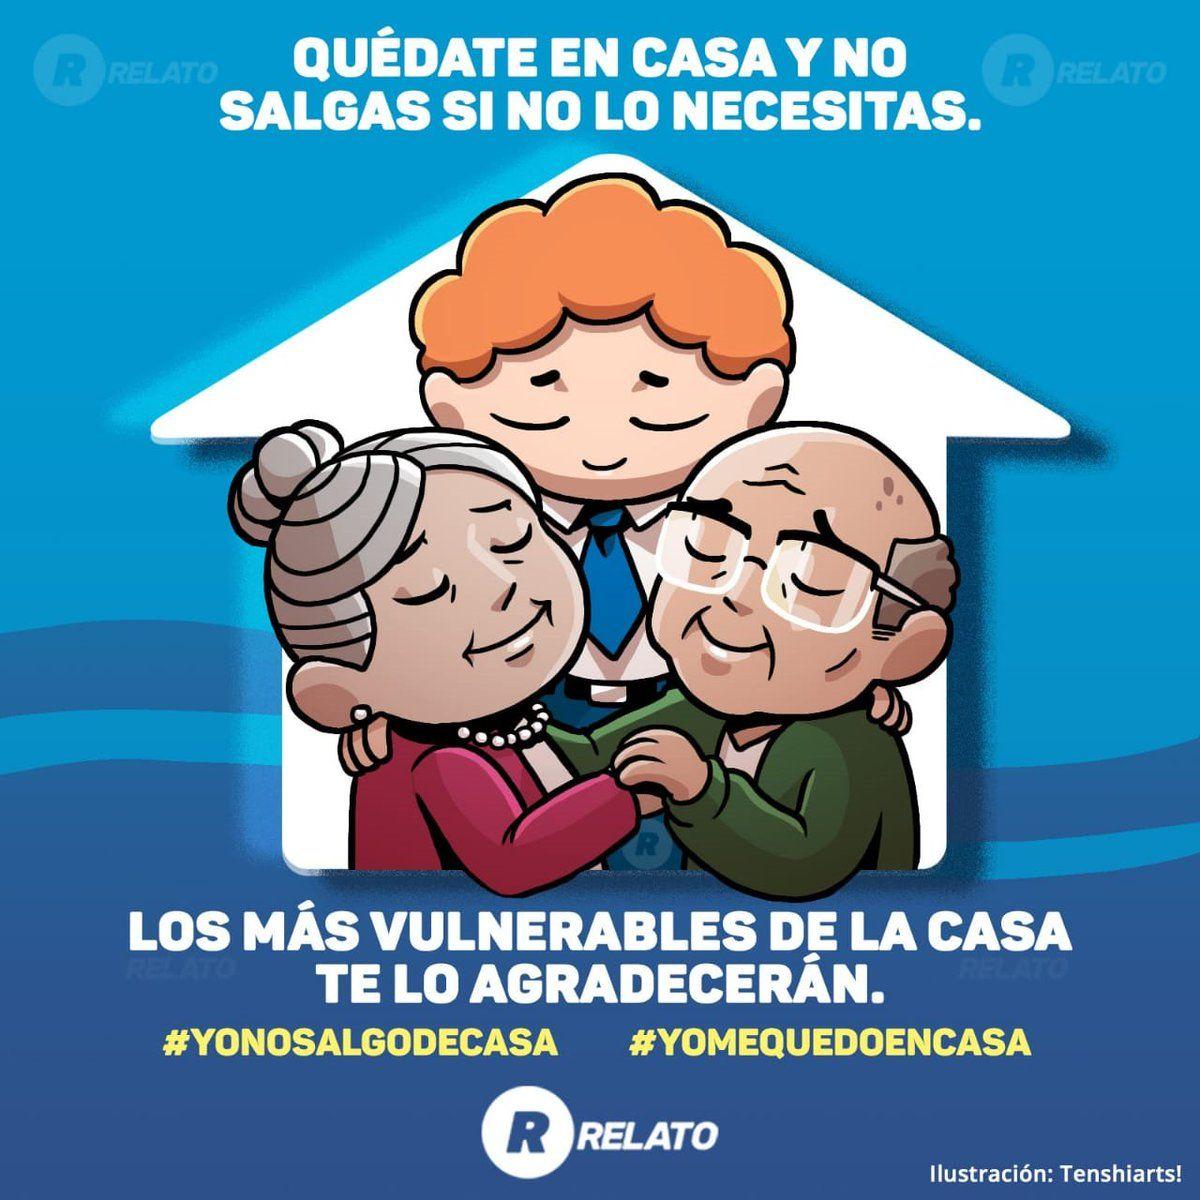 Campana Quedate En Casa Frases De Rosas Habitos De Higiene Personal Saludos De Buenos Dias